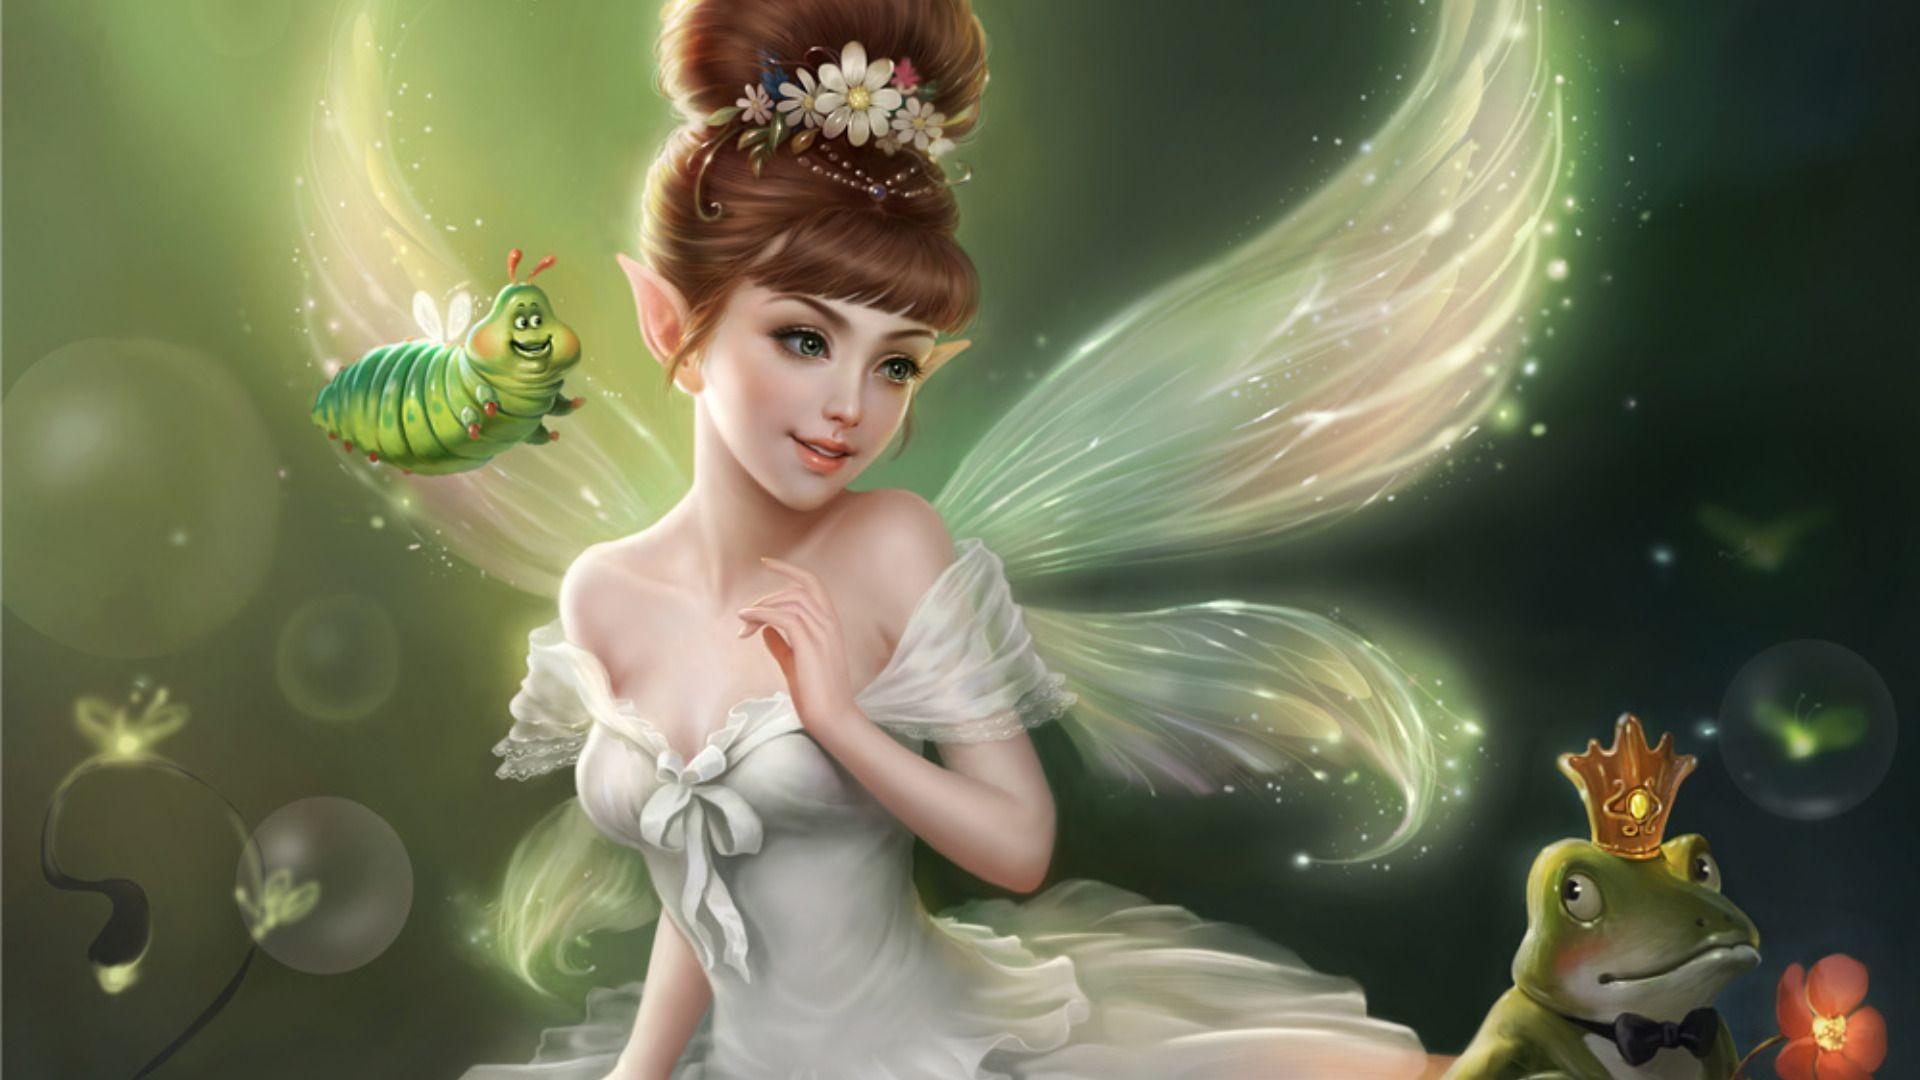 3D Fairy Wallpaper (53+ Images